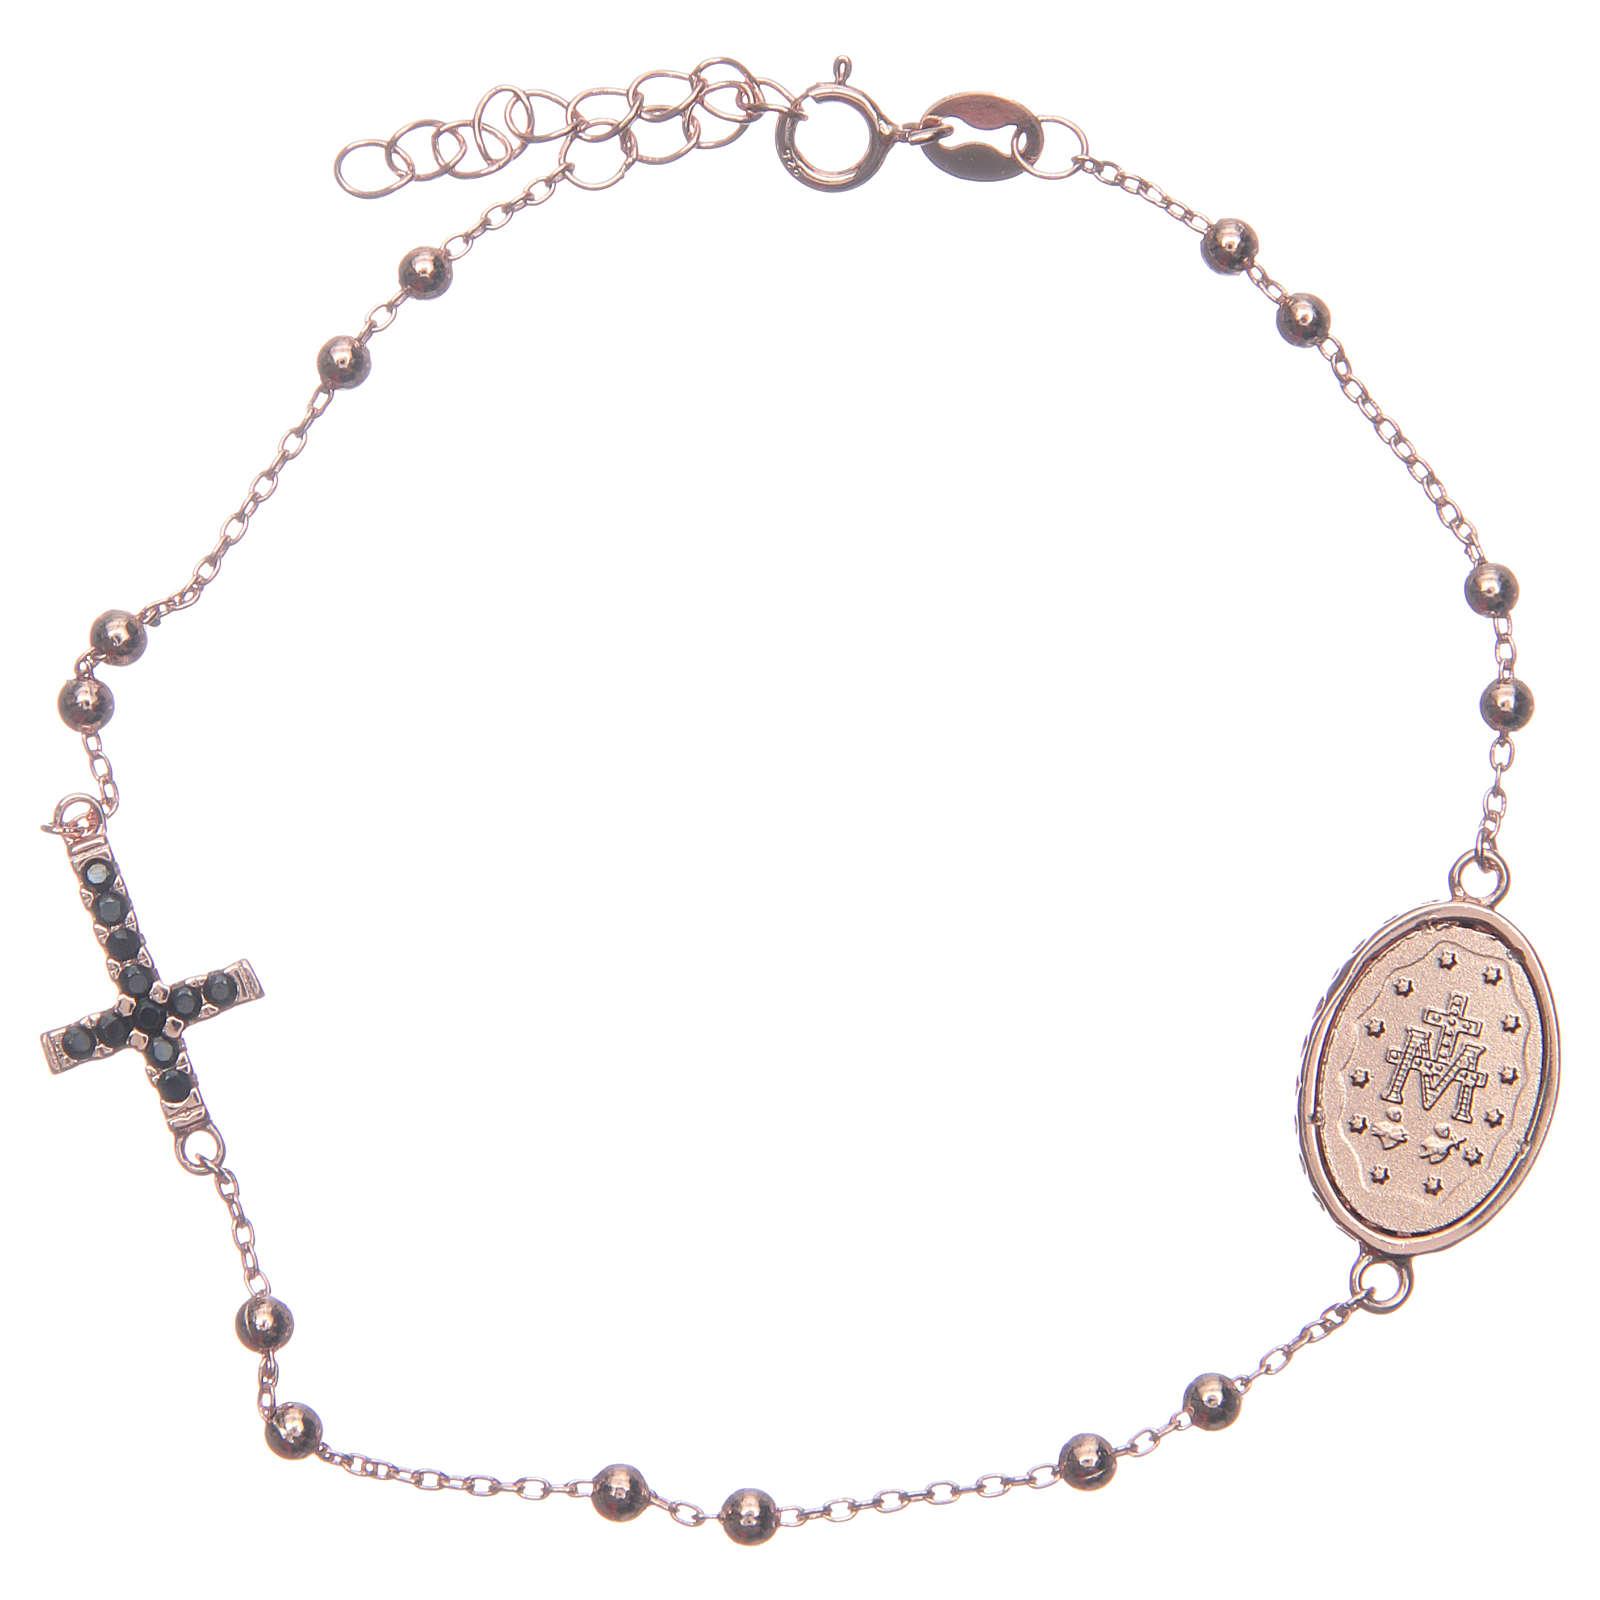 Bracciale rosario rosé zirconi neri argento 925 4